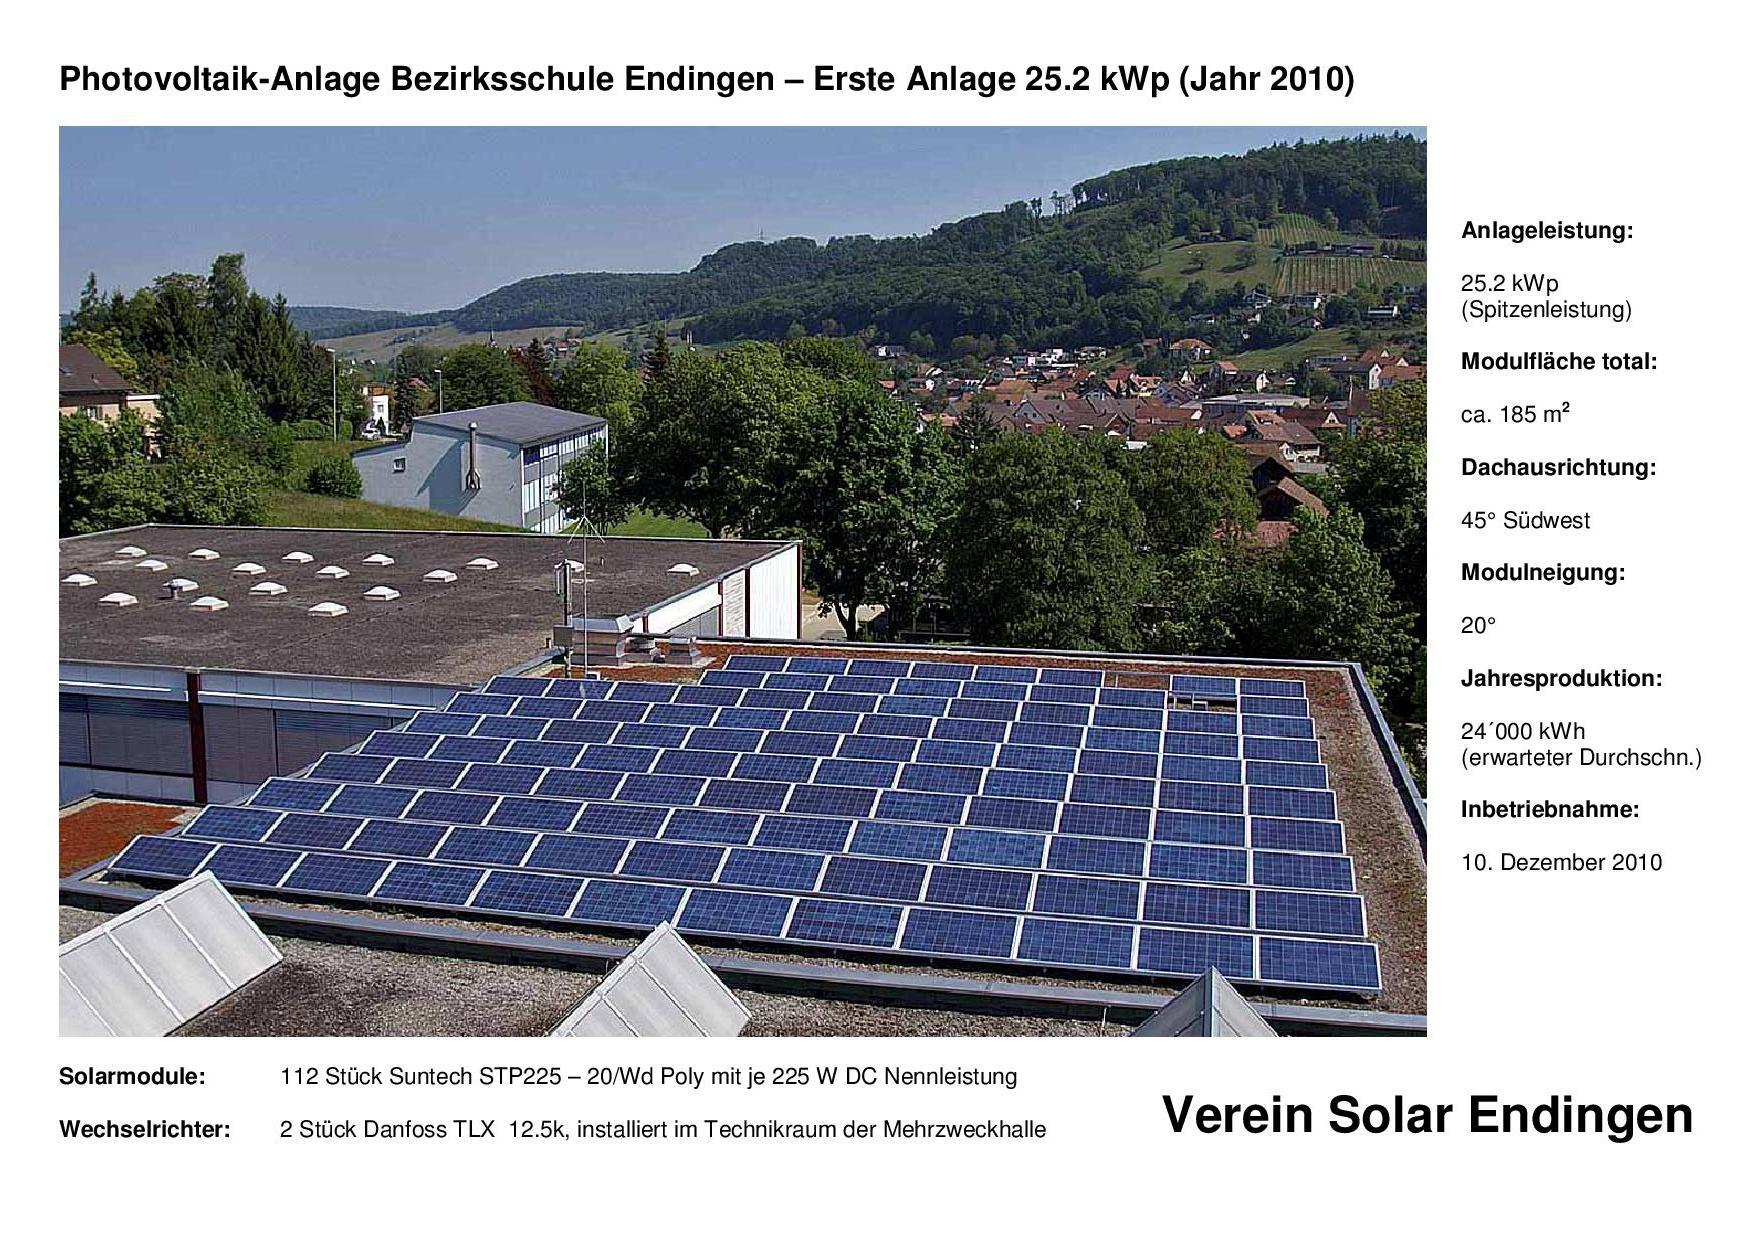 Bild-PV-Bezirksschule-Jahr-2010-quer-001